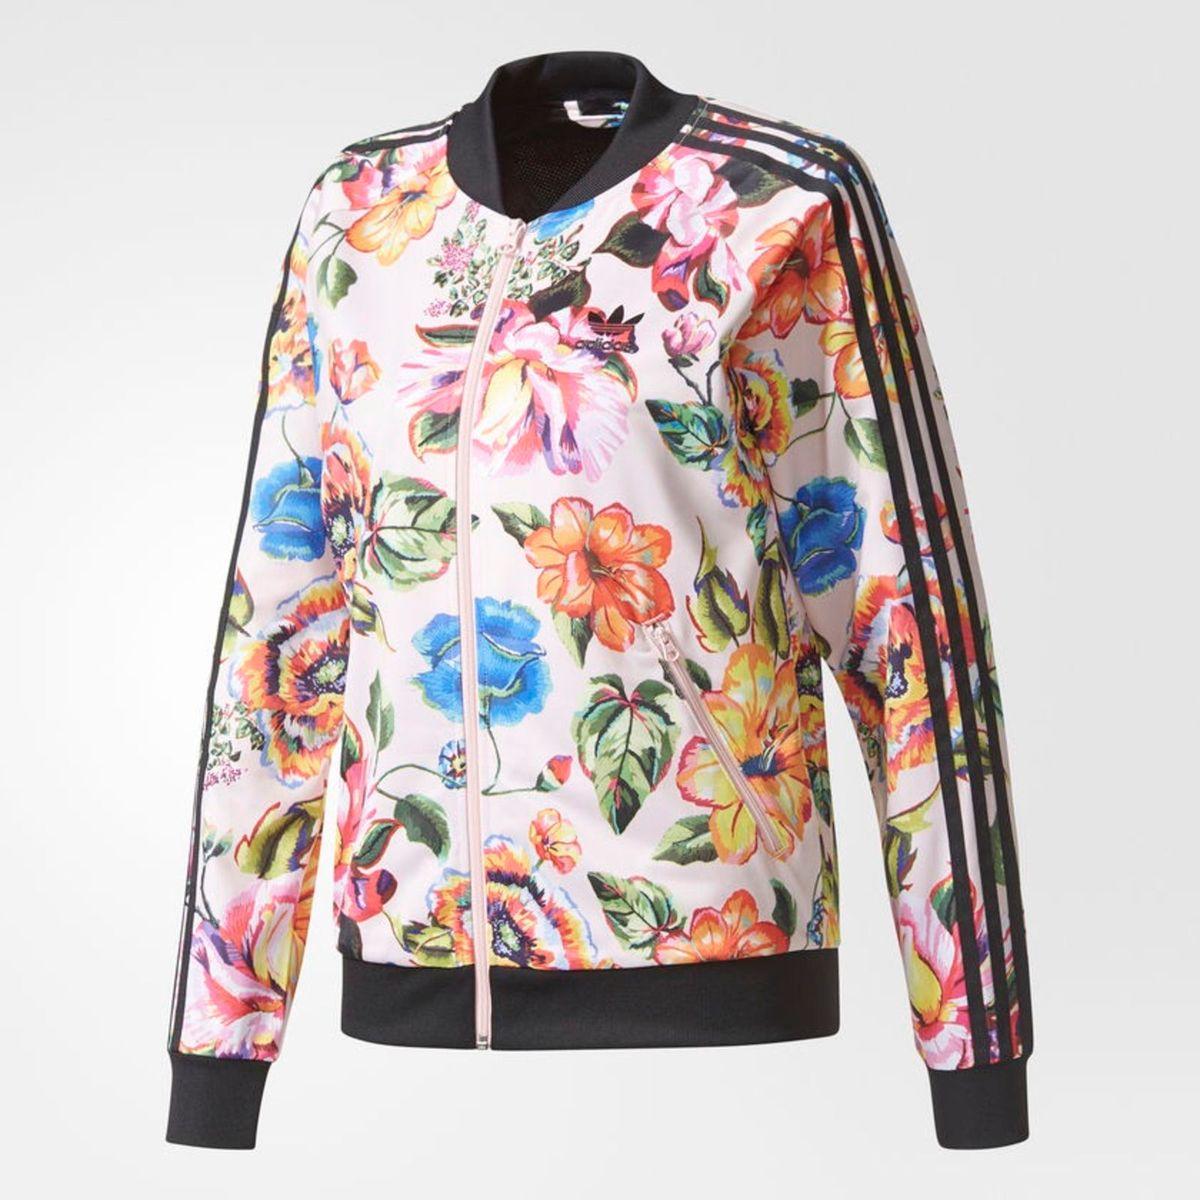 feff4dd0090 Jaqueta Adidas Floral